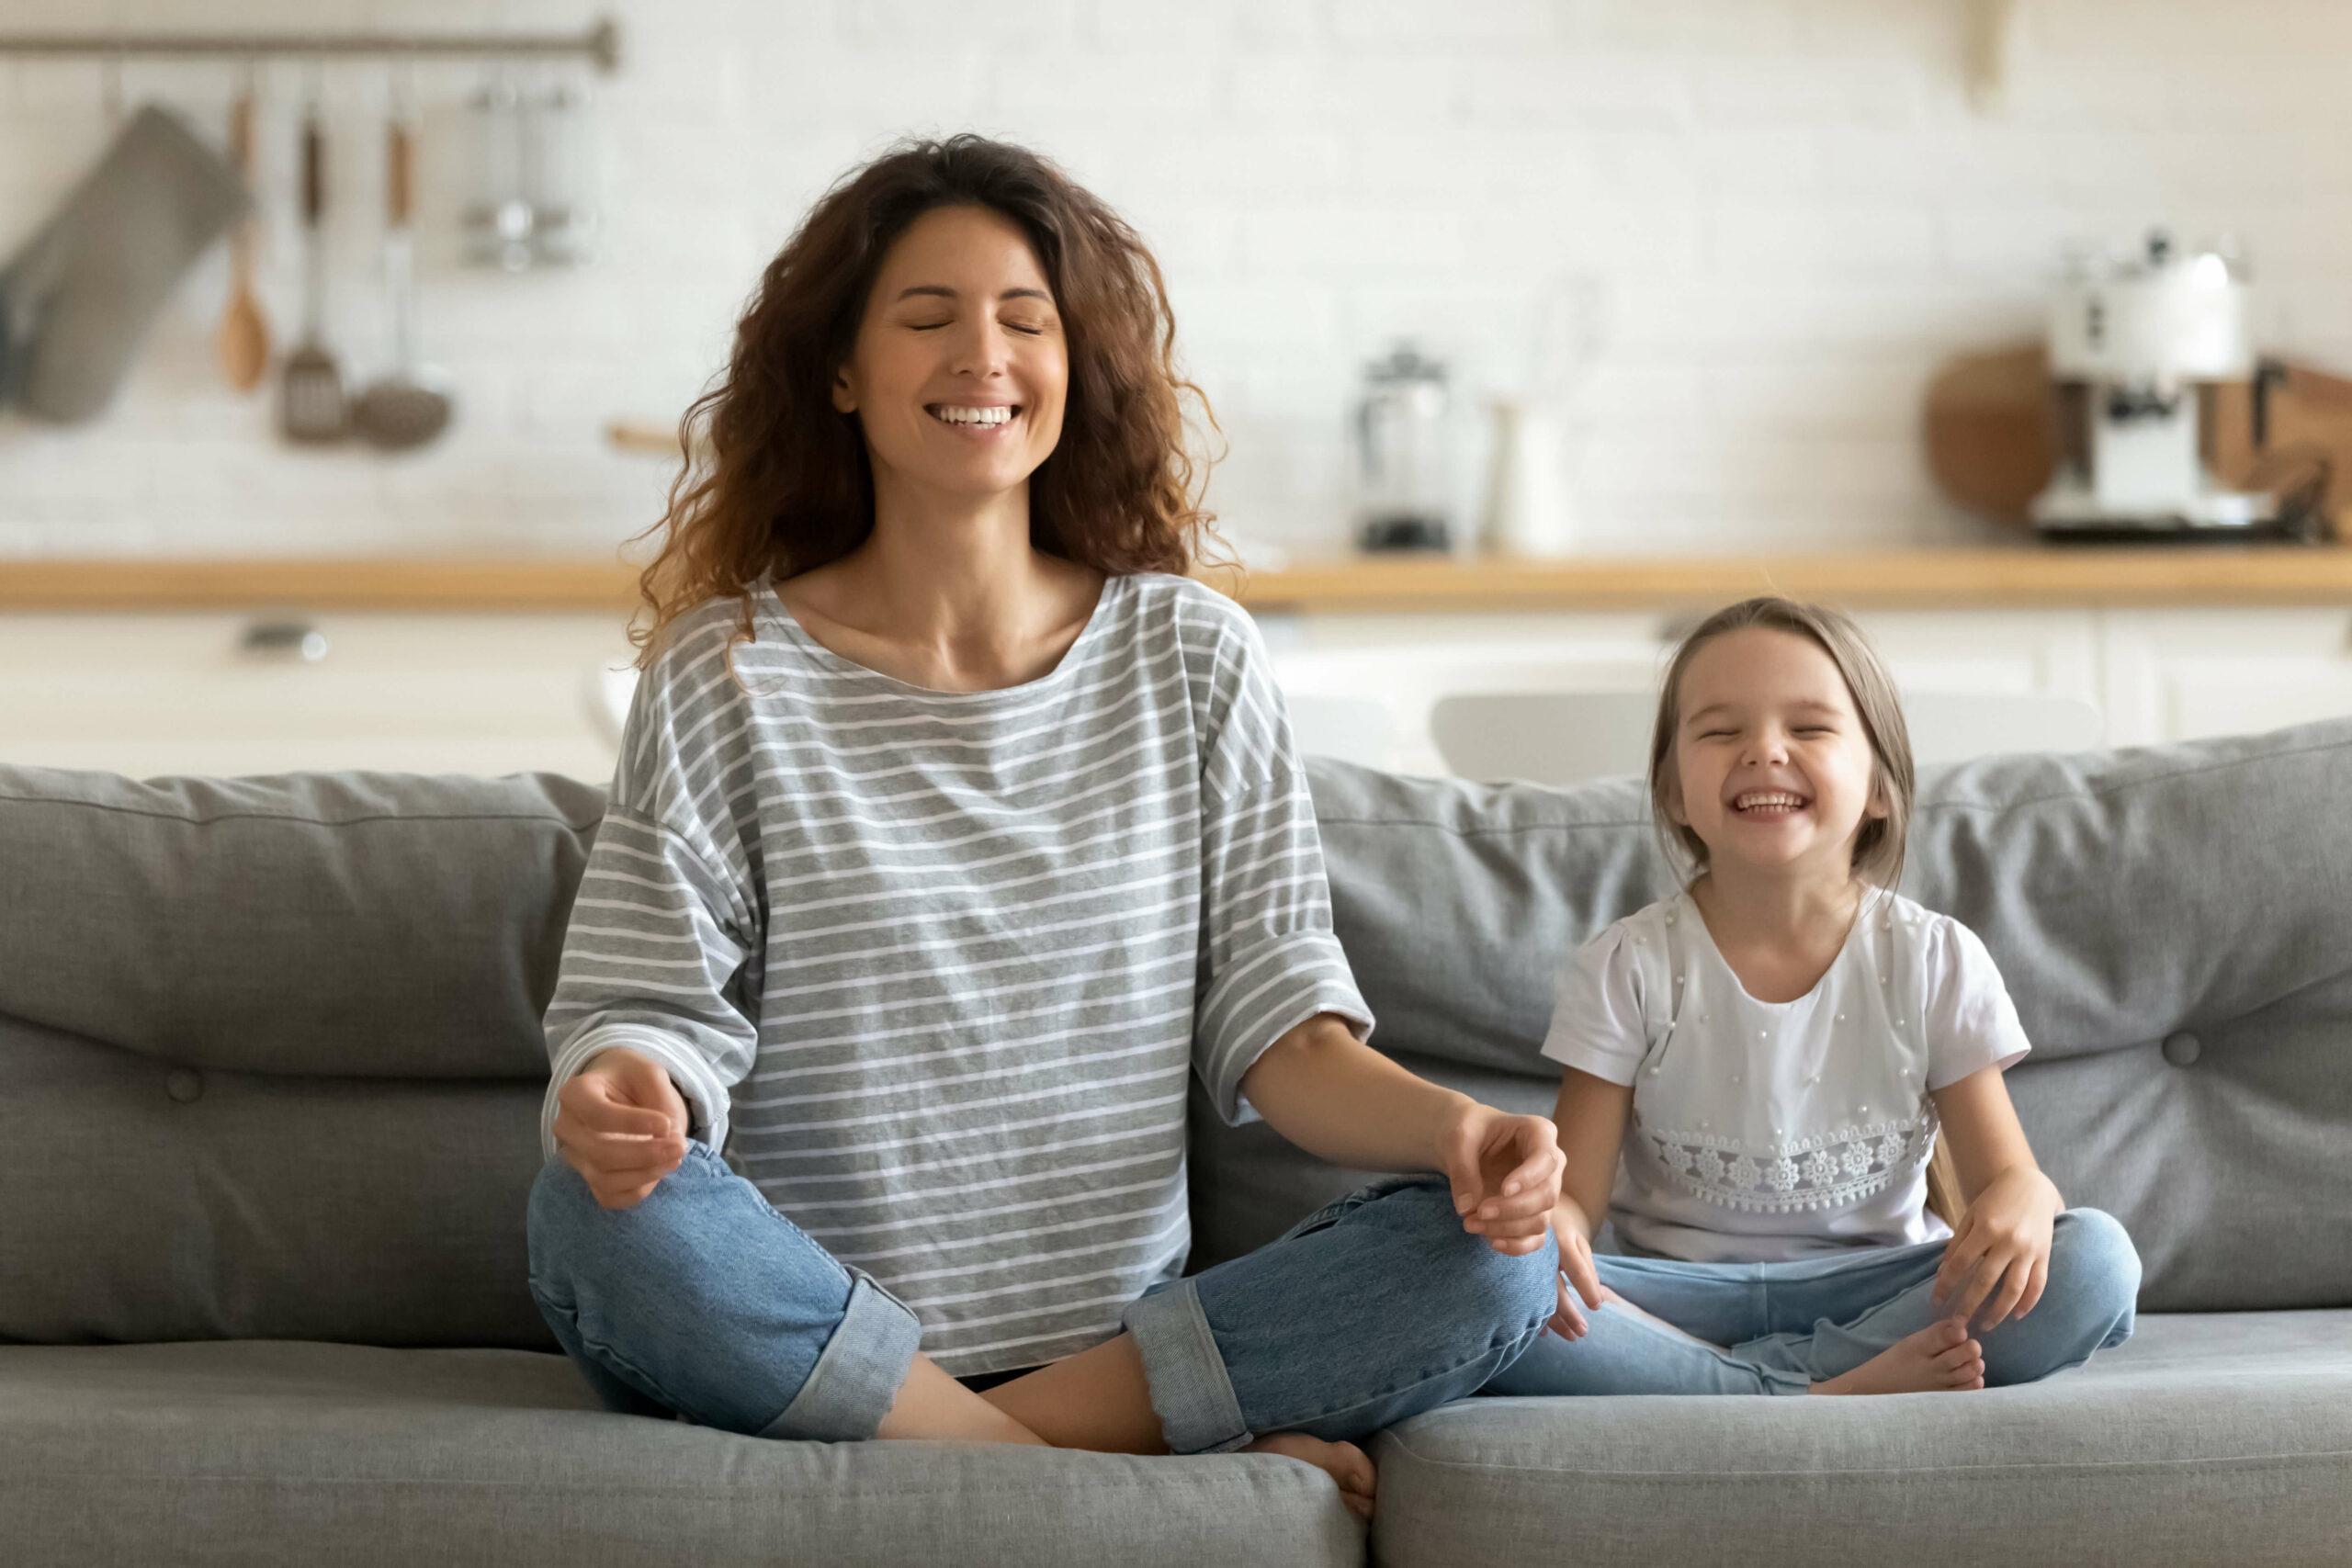 6 einfache Schritte für mehr Glück im Leben